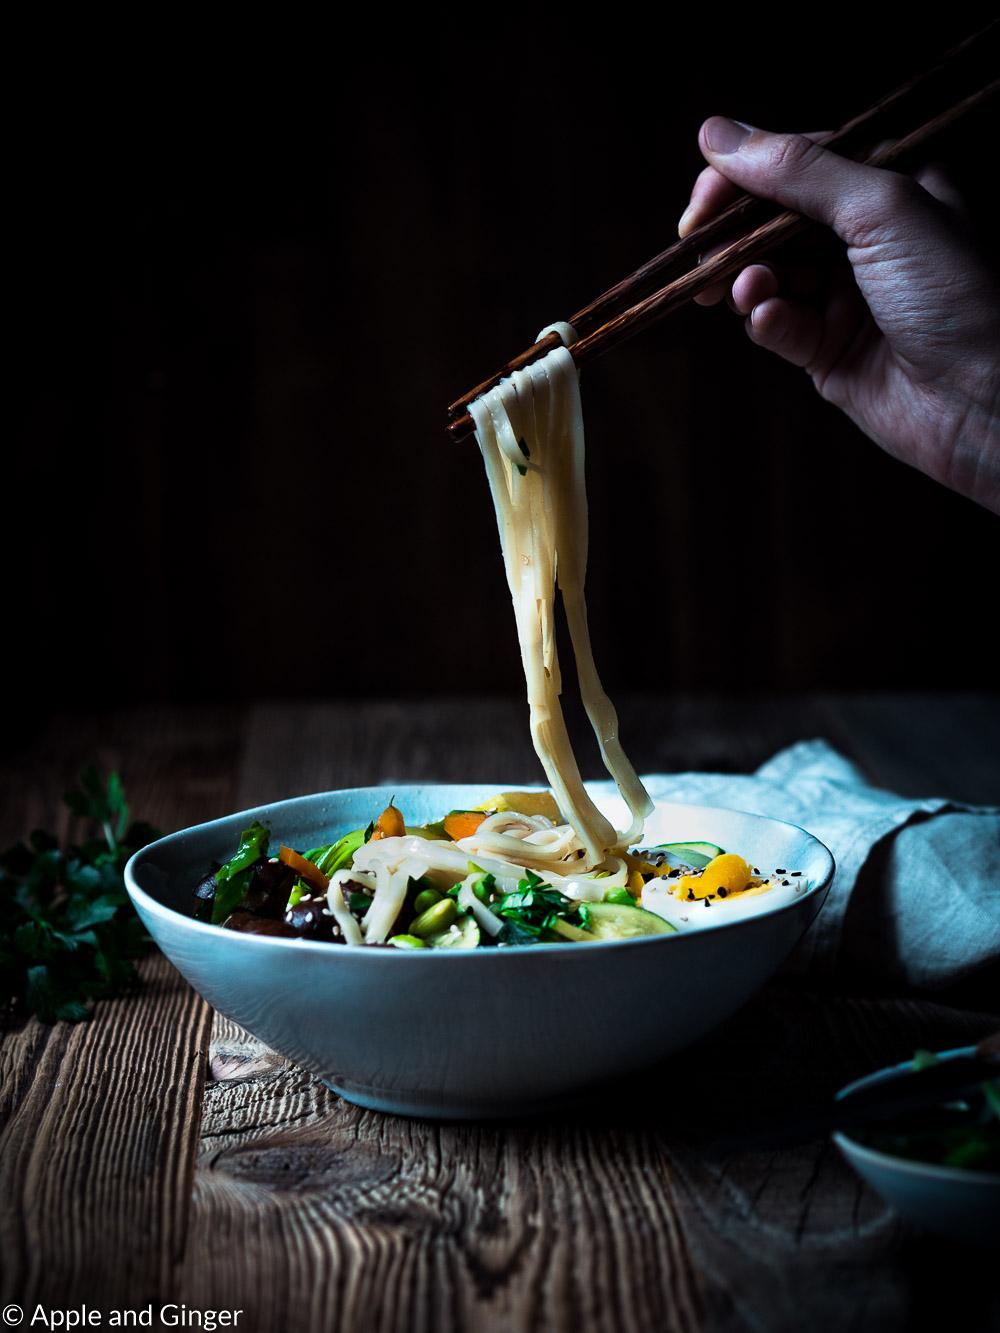 Miso-Ramen-Suppe wird mit Stäbchen gegessen